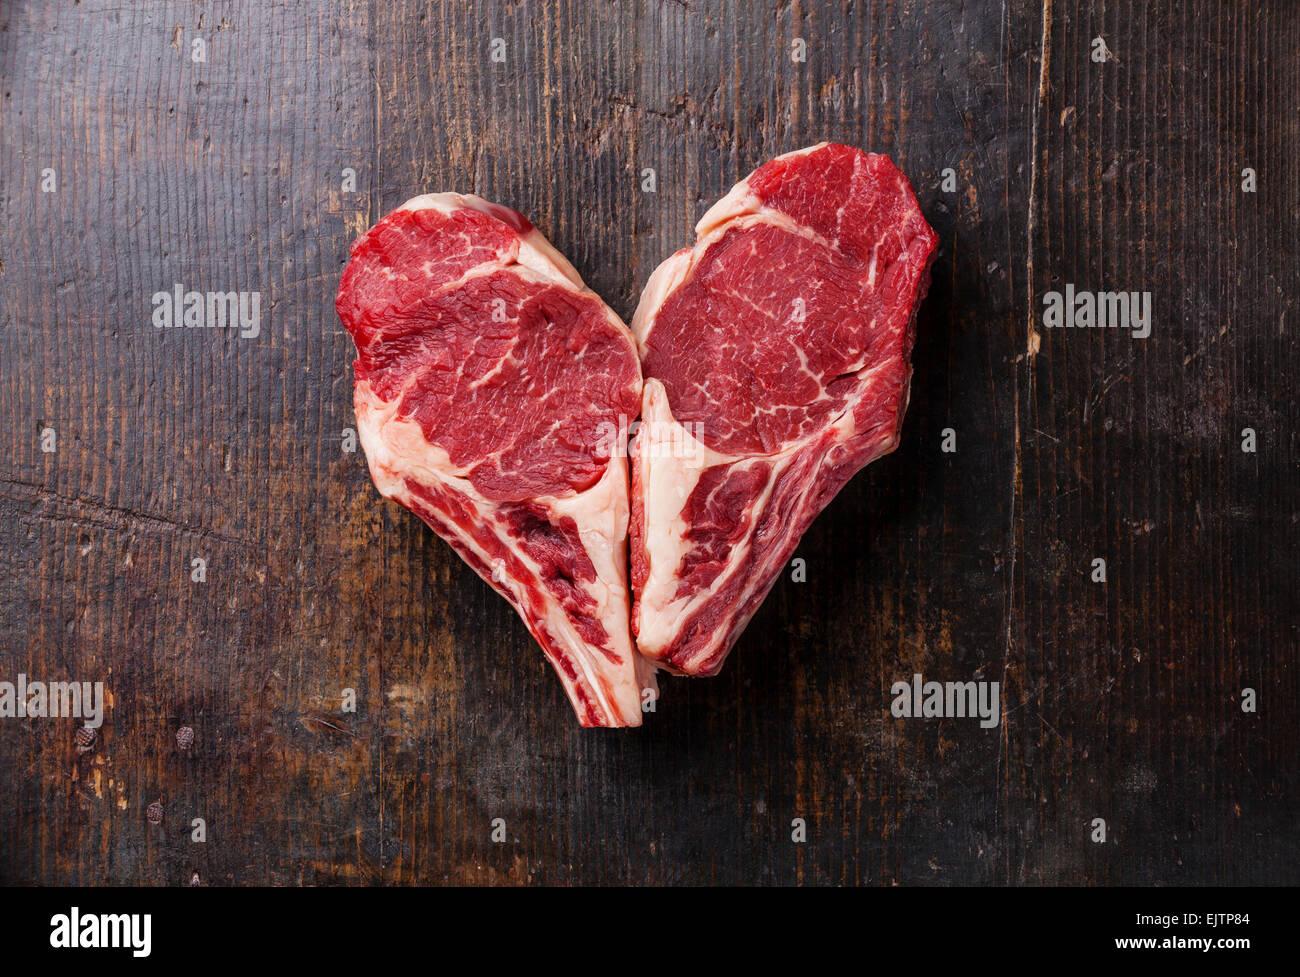 Forma di cuore la carne cruda Ribeye entrecote su sfondo di legno Immagini Stock